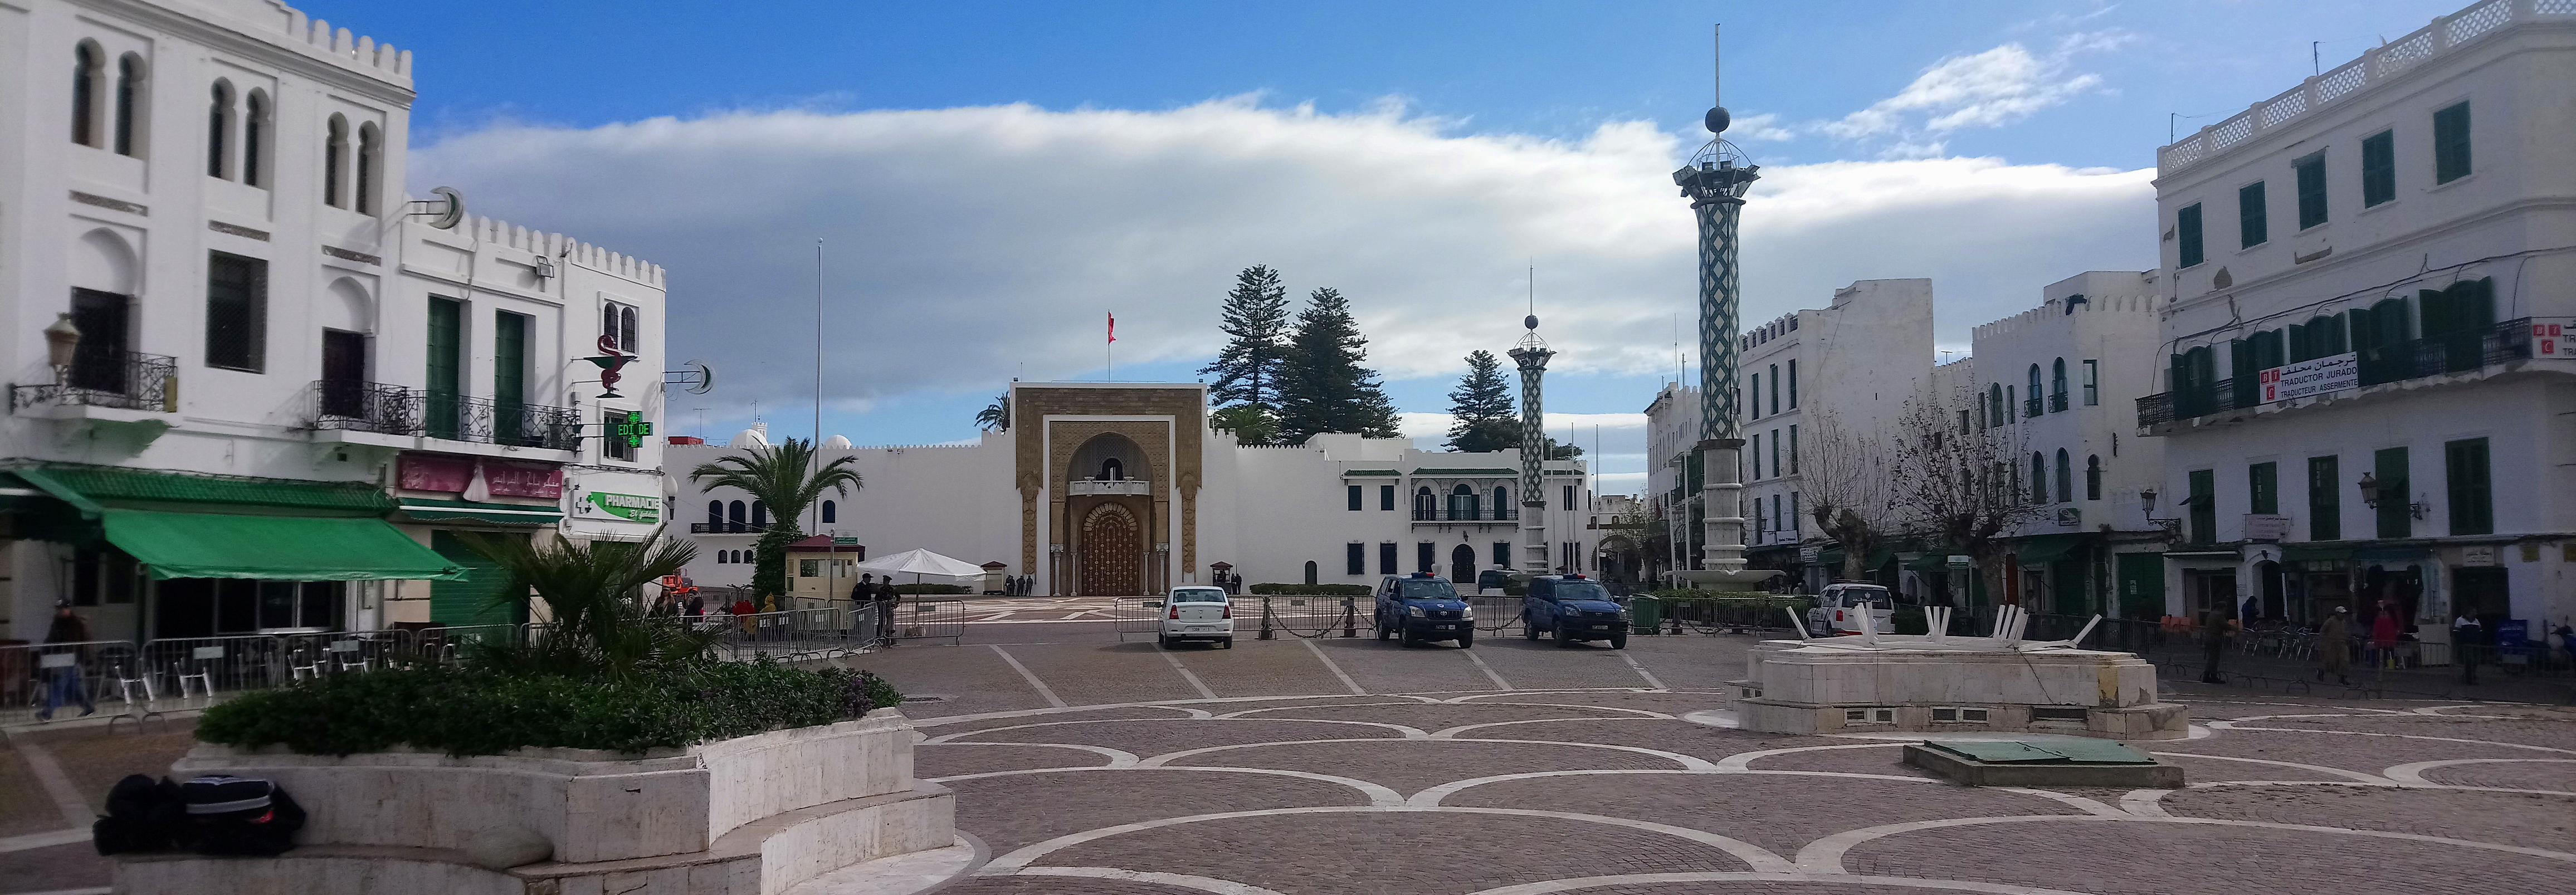 Palacio Real en Tetuán